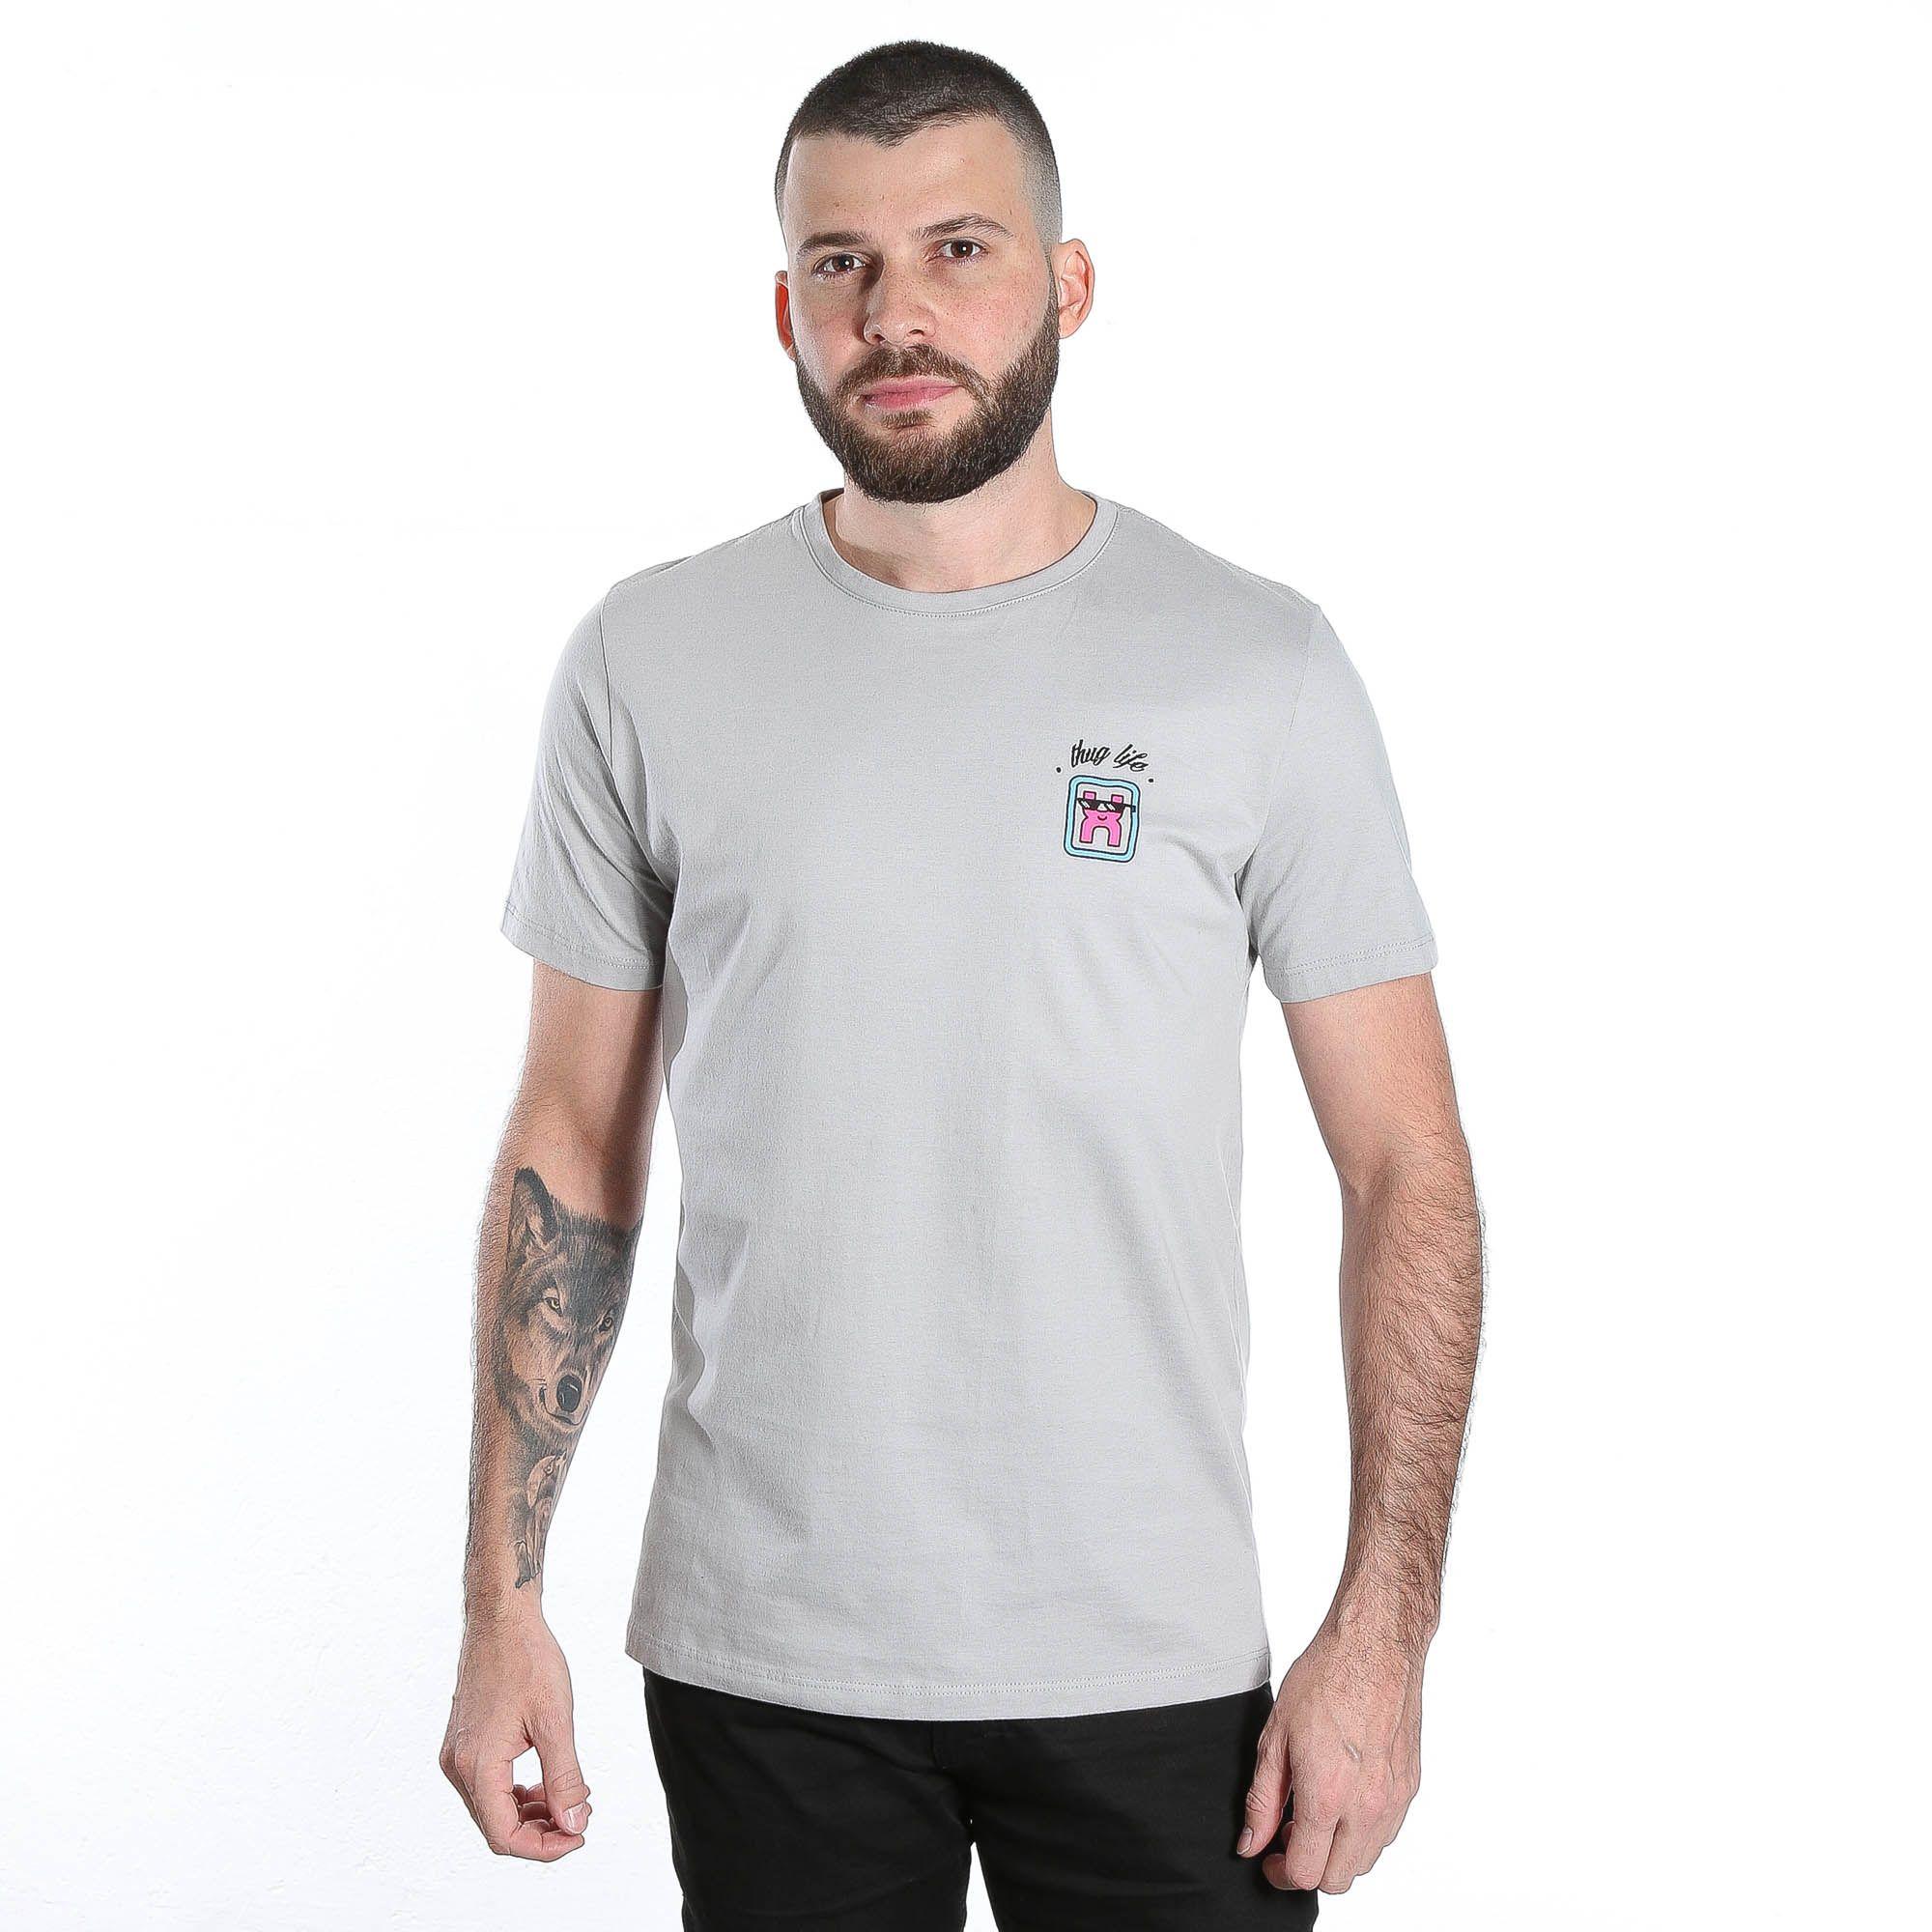 Camiseta TXC Brand 1624